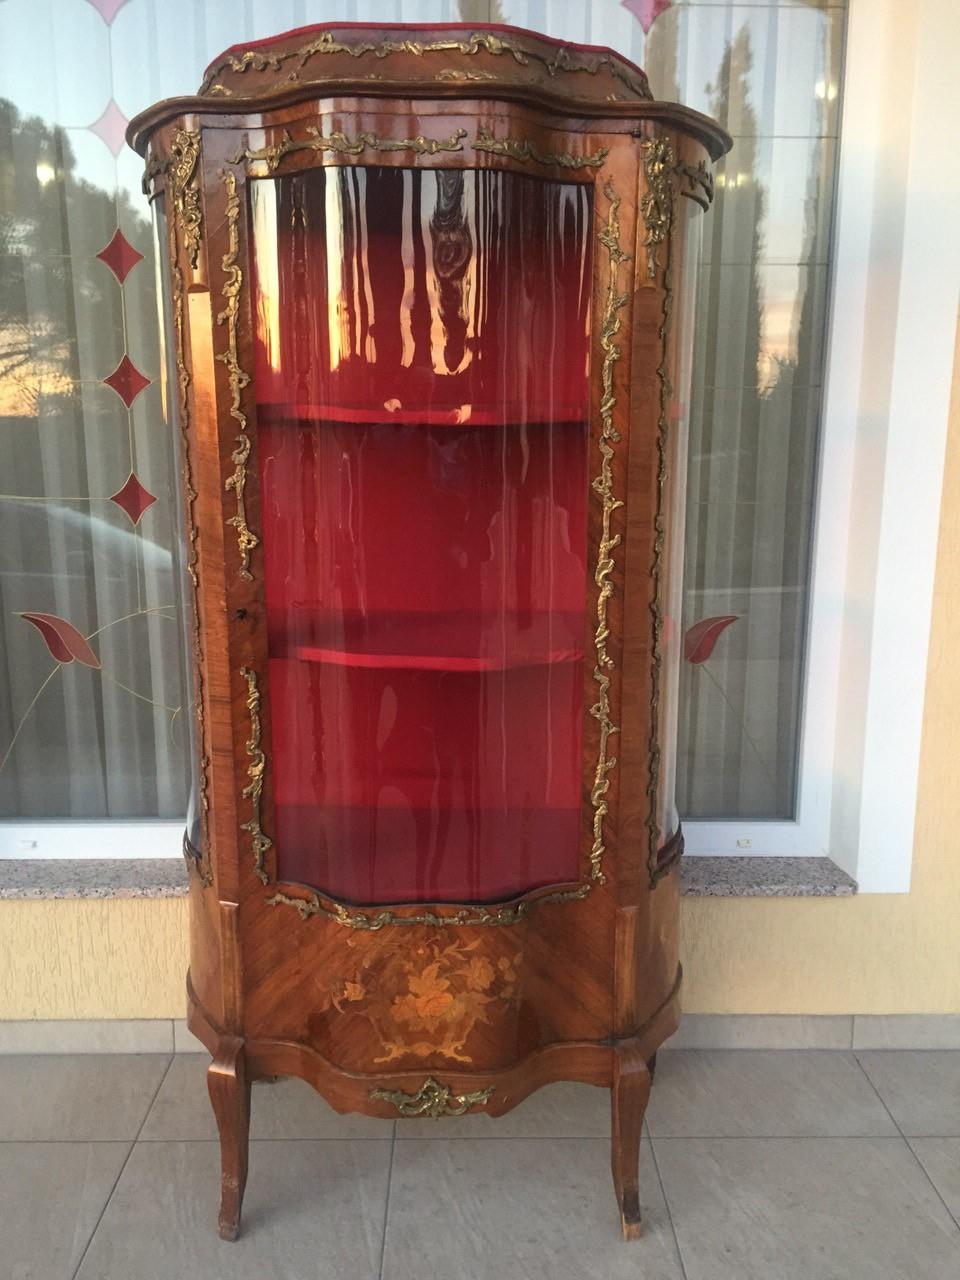 Антикварная витрина в стиле Луи XV эпохи Наполеона III